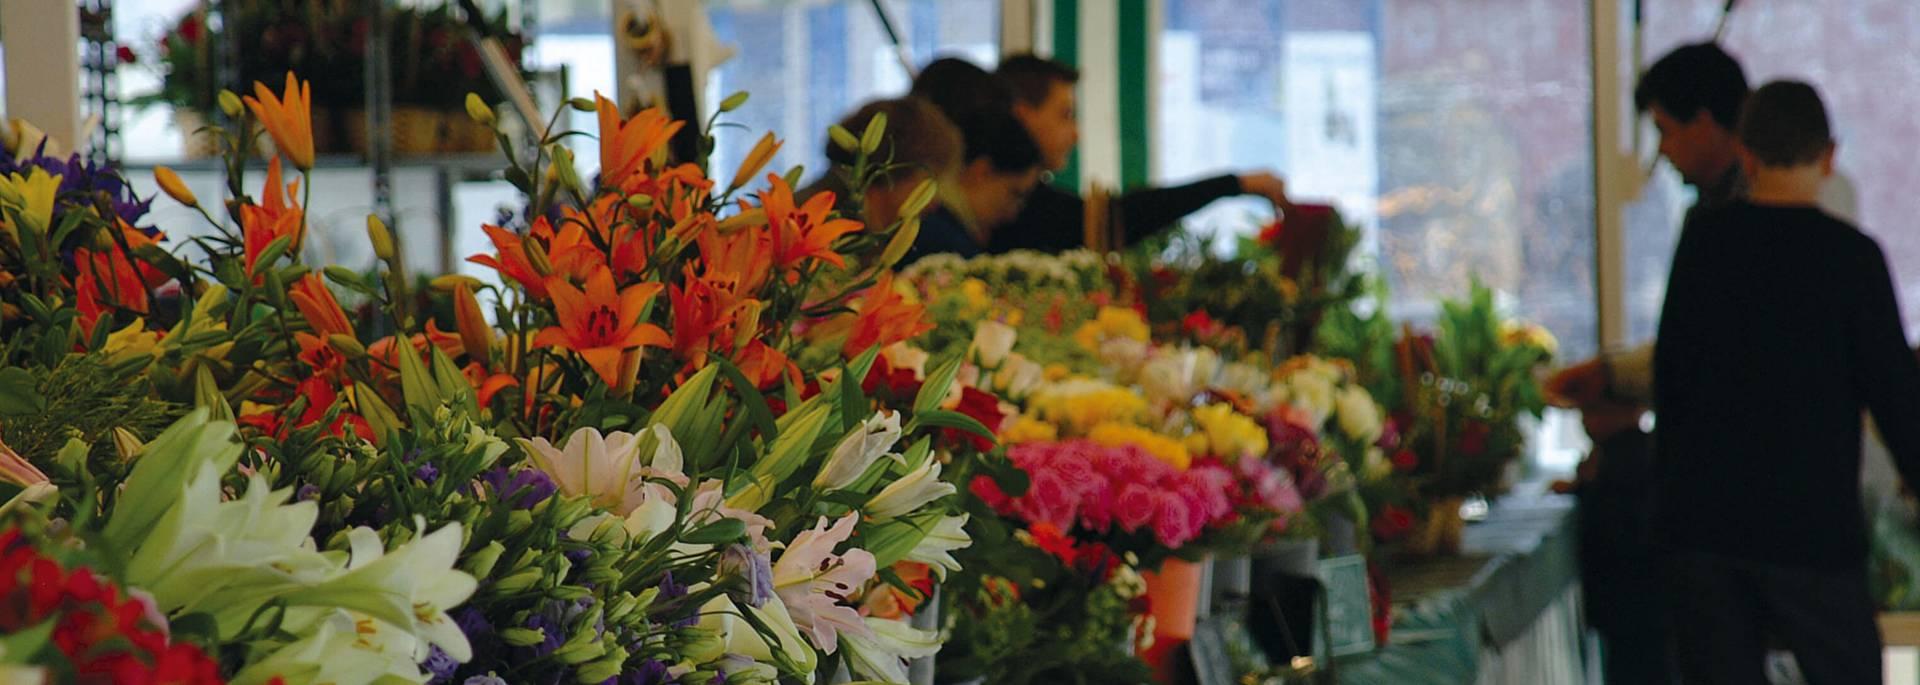 Marché aux fleurs sur la Place du Cygne à Chartres